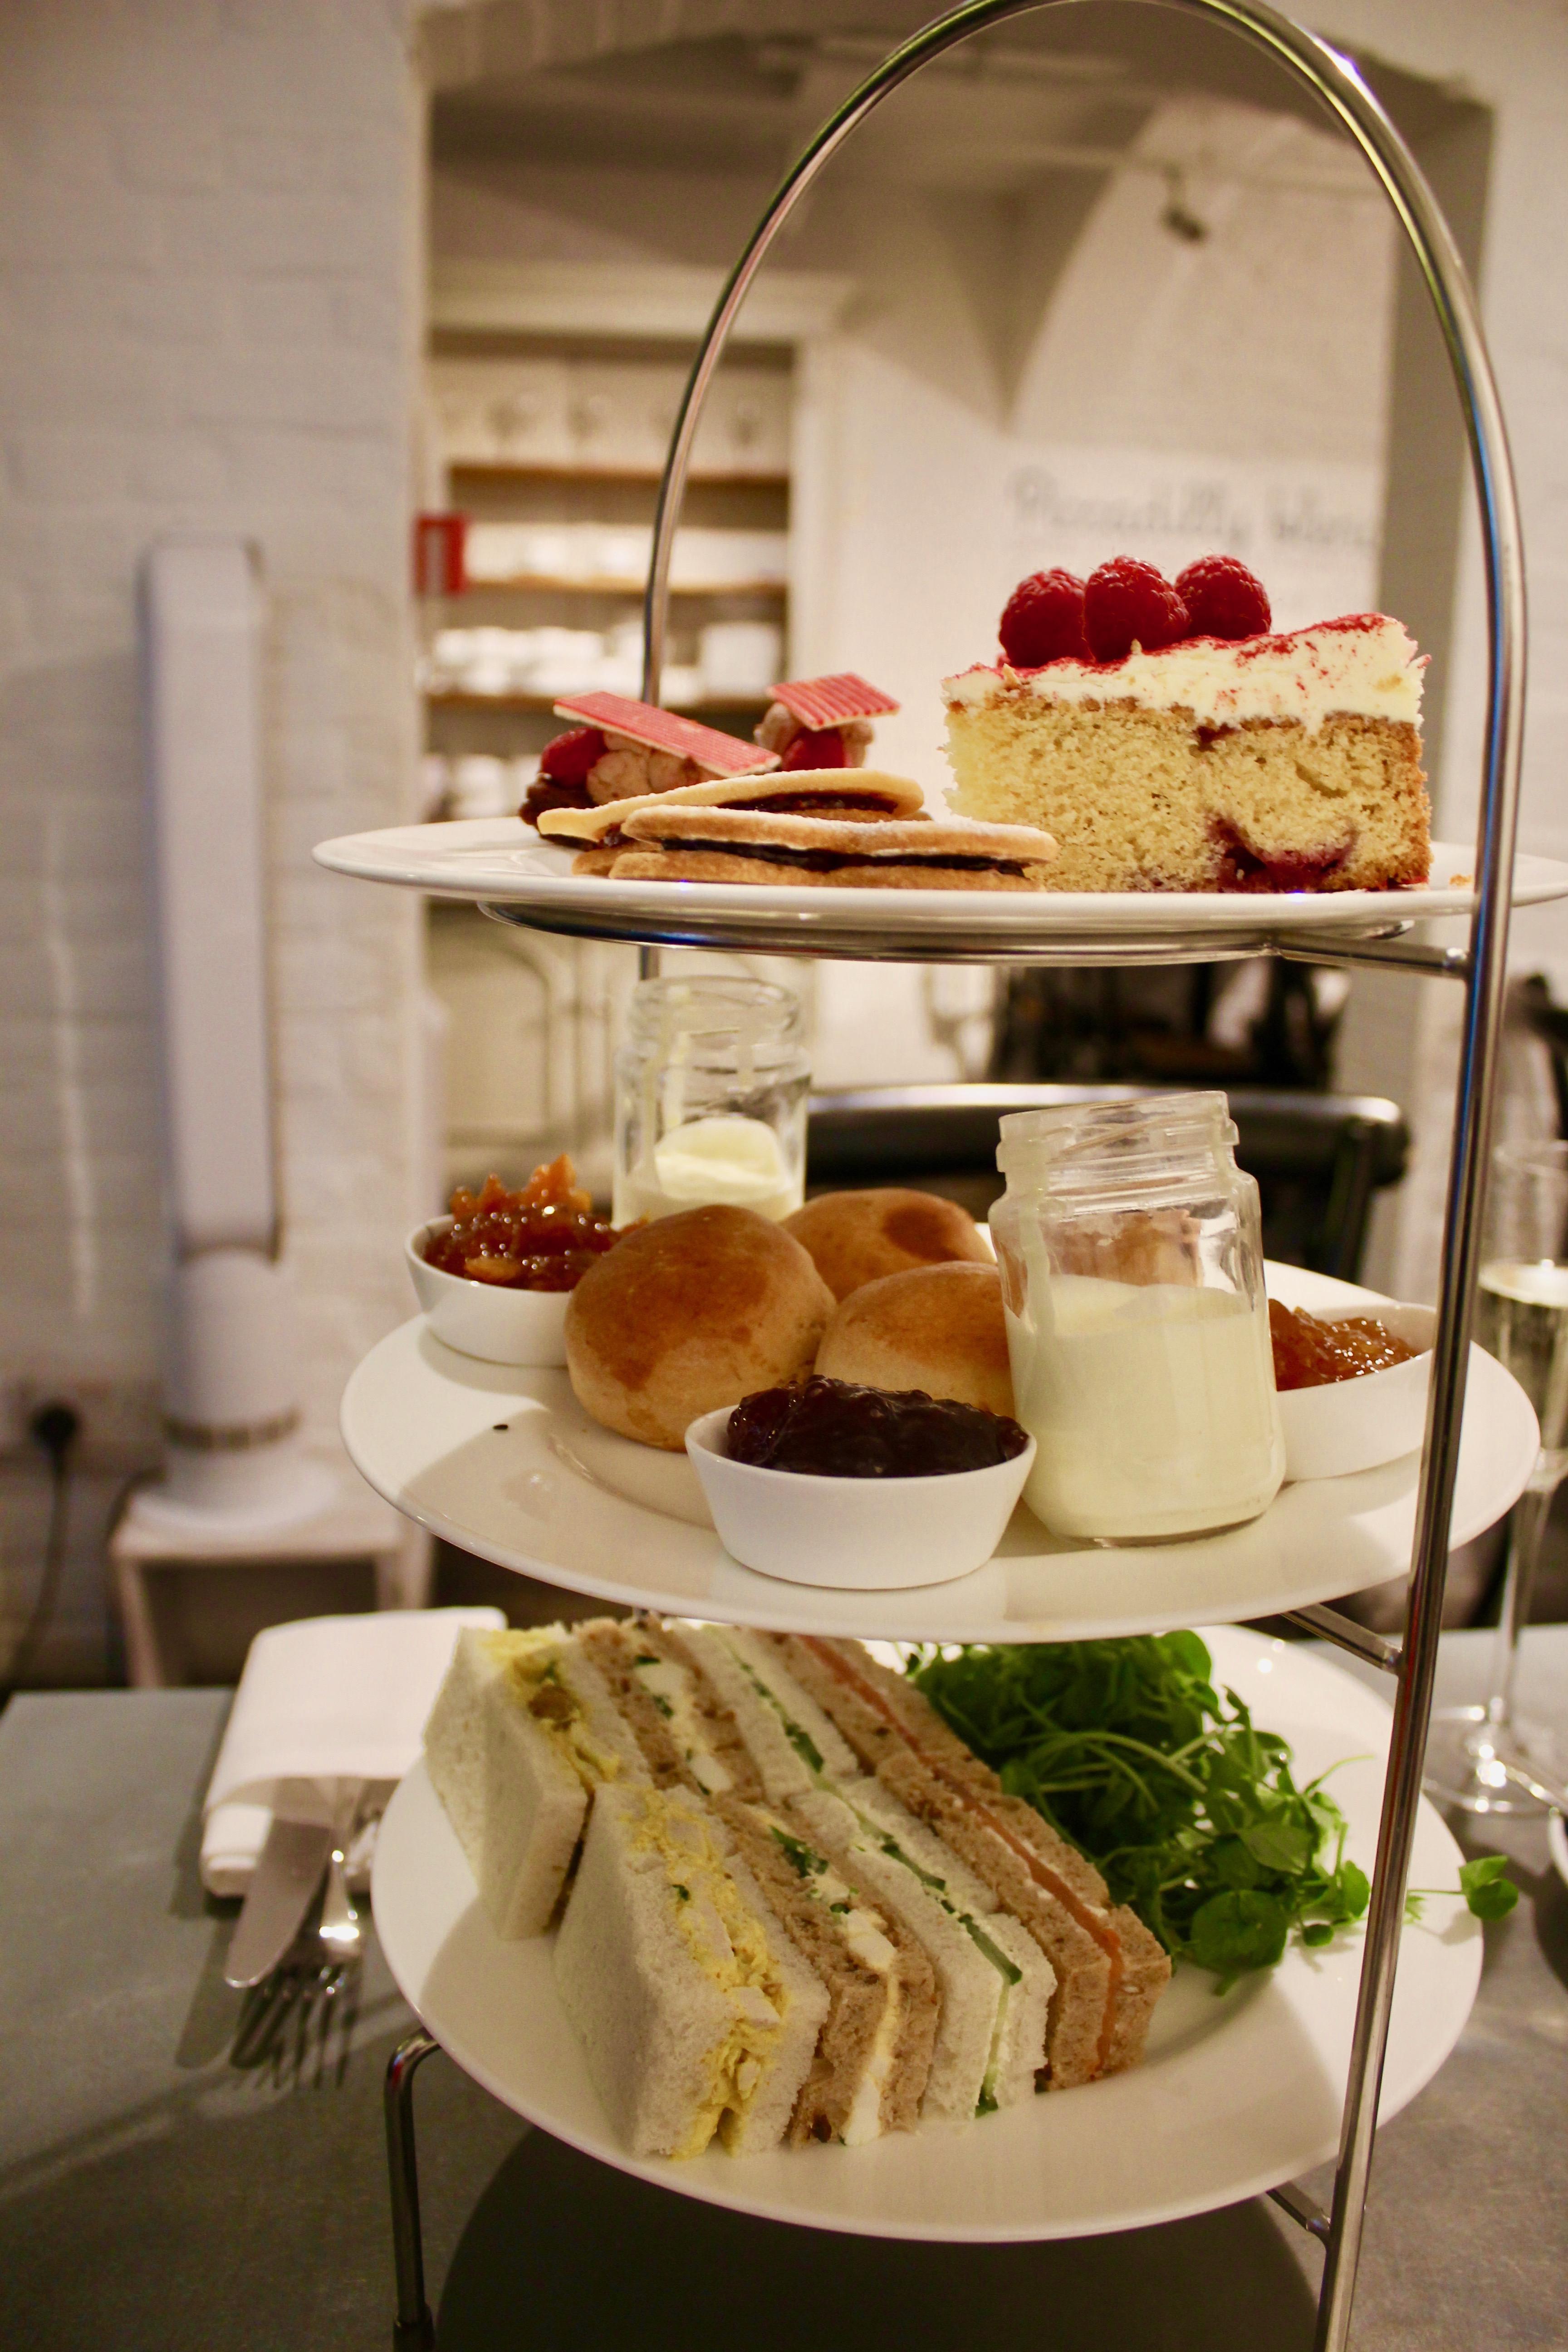 Afternoon tea at Whittard's Tea, whittards tea bar Covent Garden